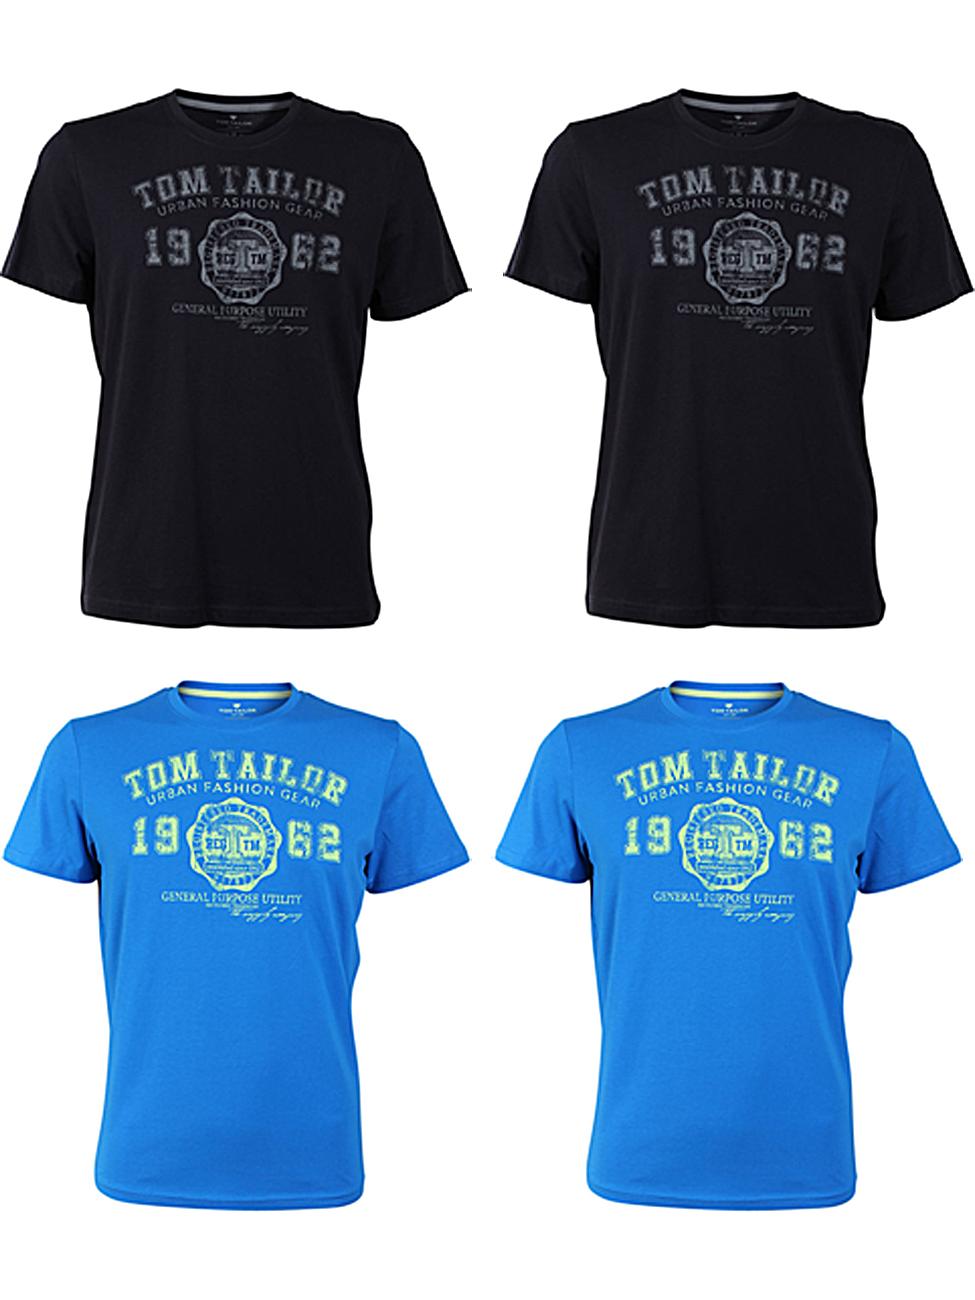 4er Pack - Tom Tailor Herren Rundhals T-Shirt Logo Tee Basic